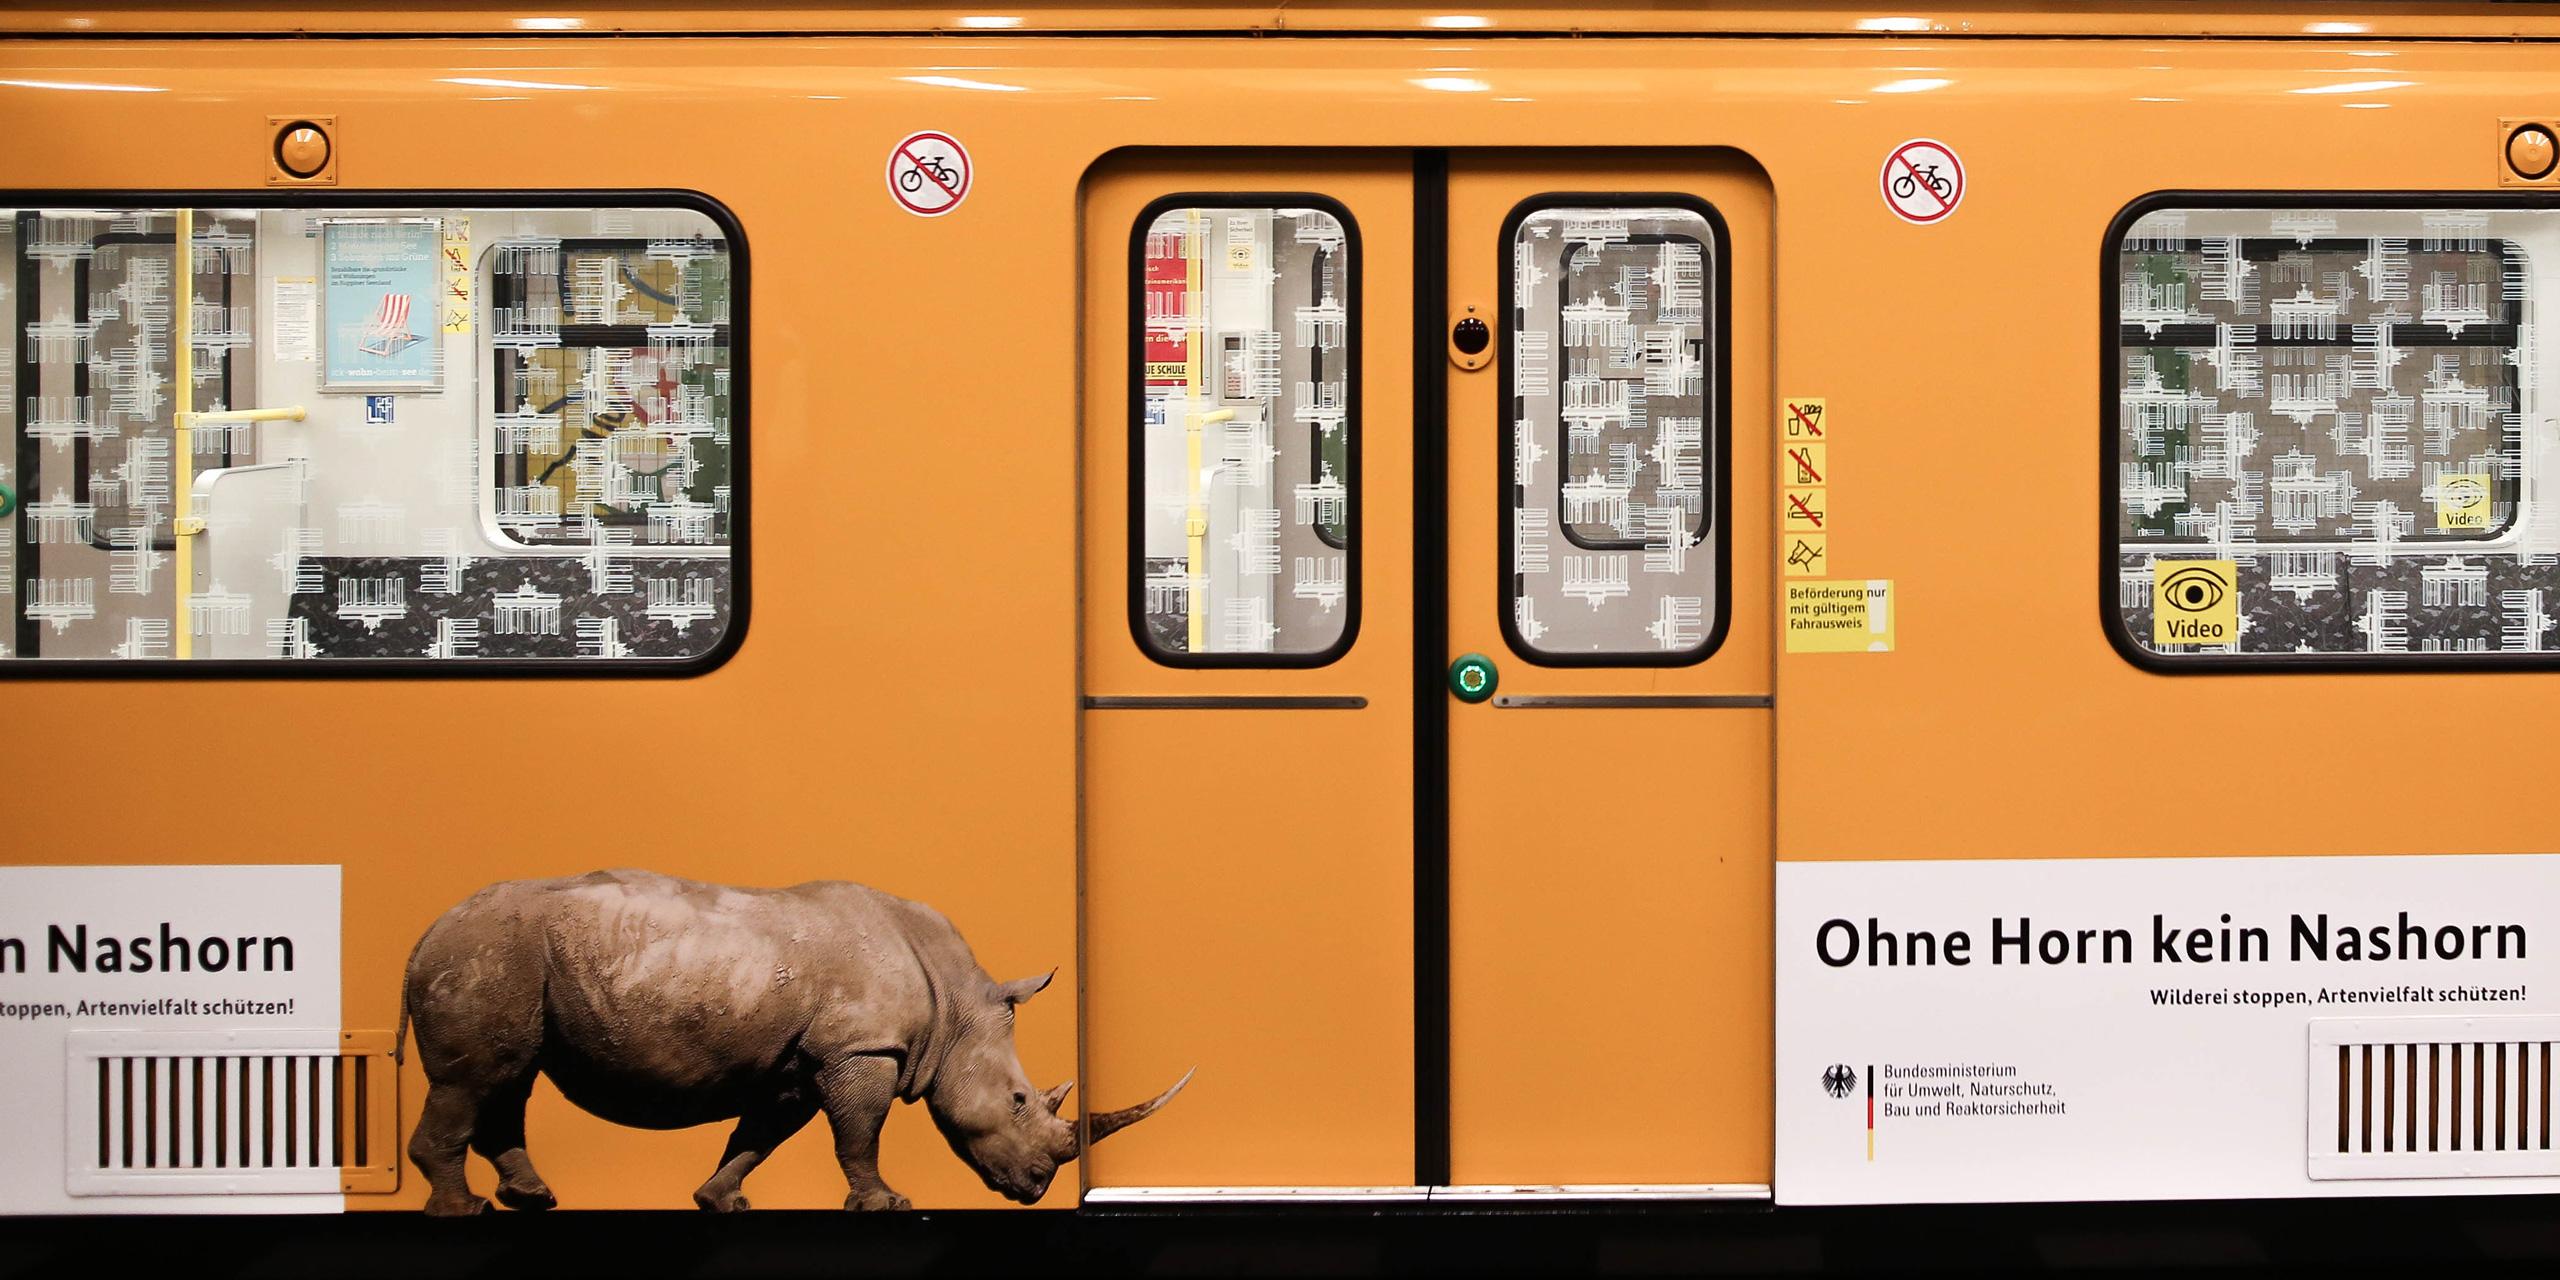 Türöffner für den Artenschutz: Ein Nashorn fährt U-Bahn